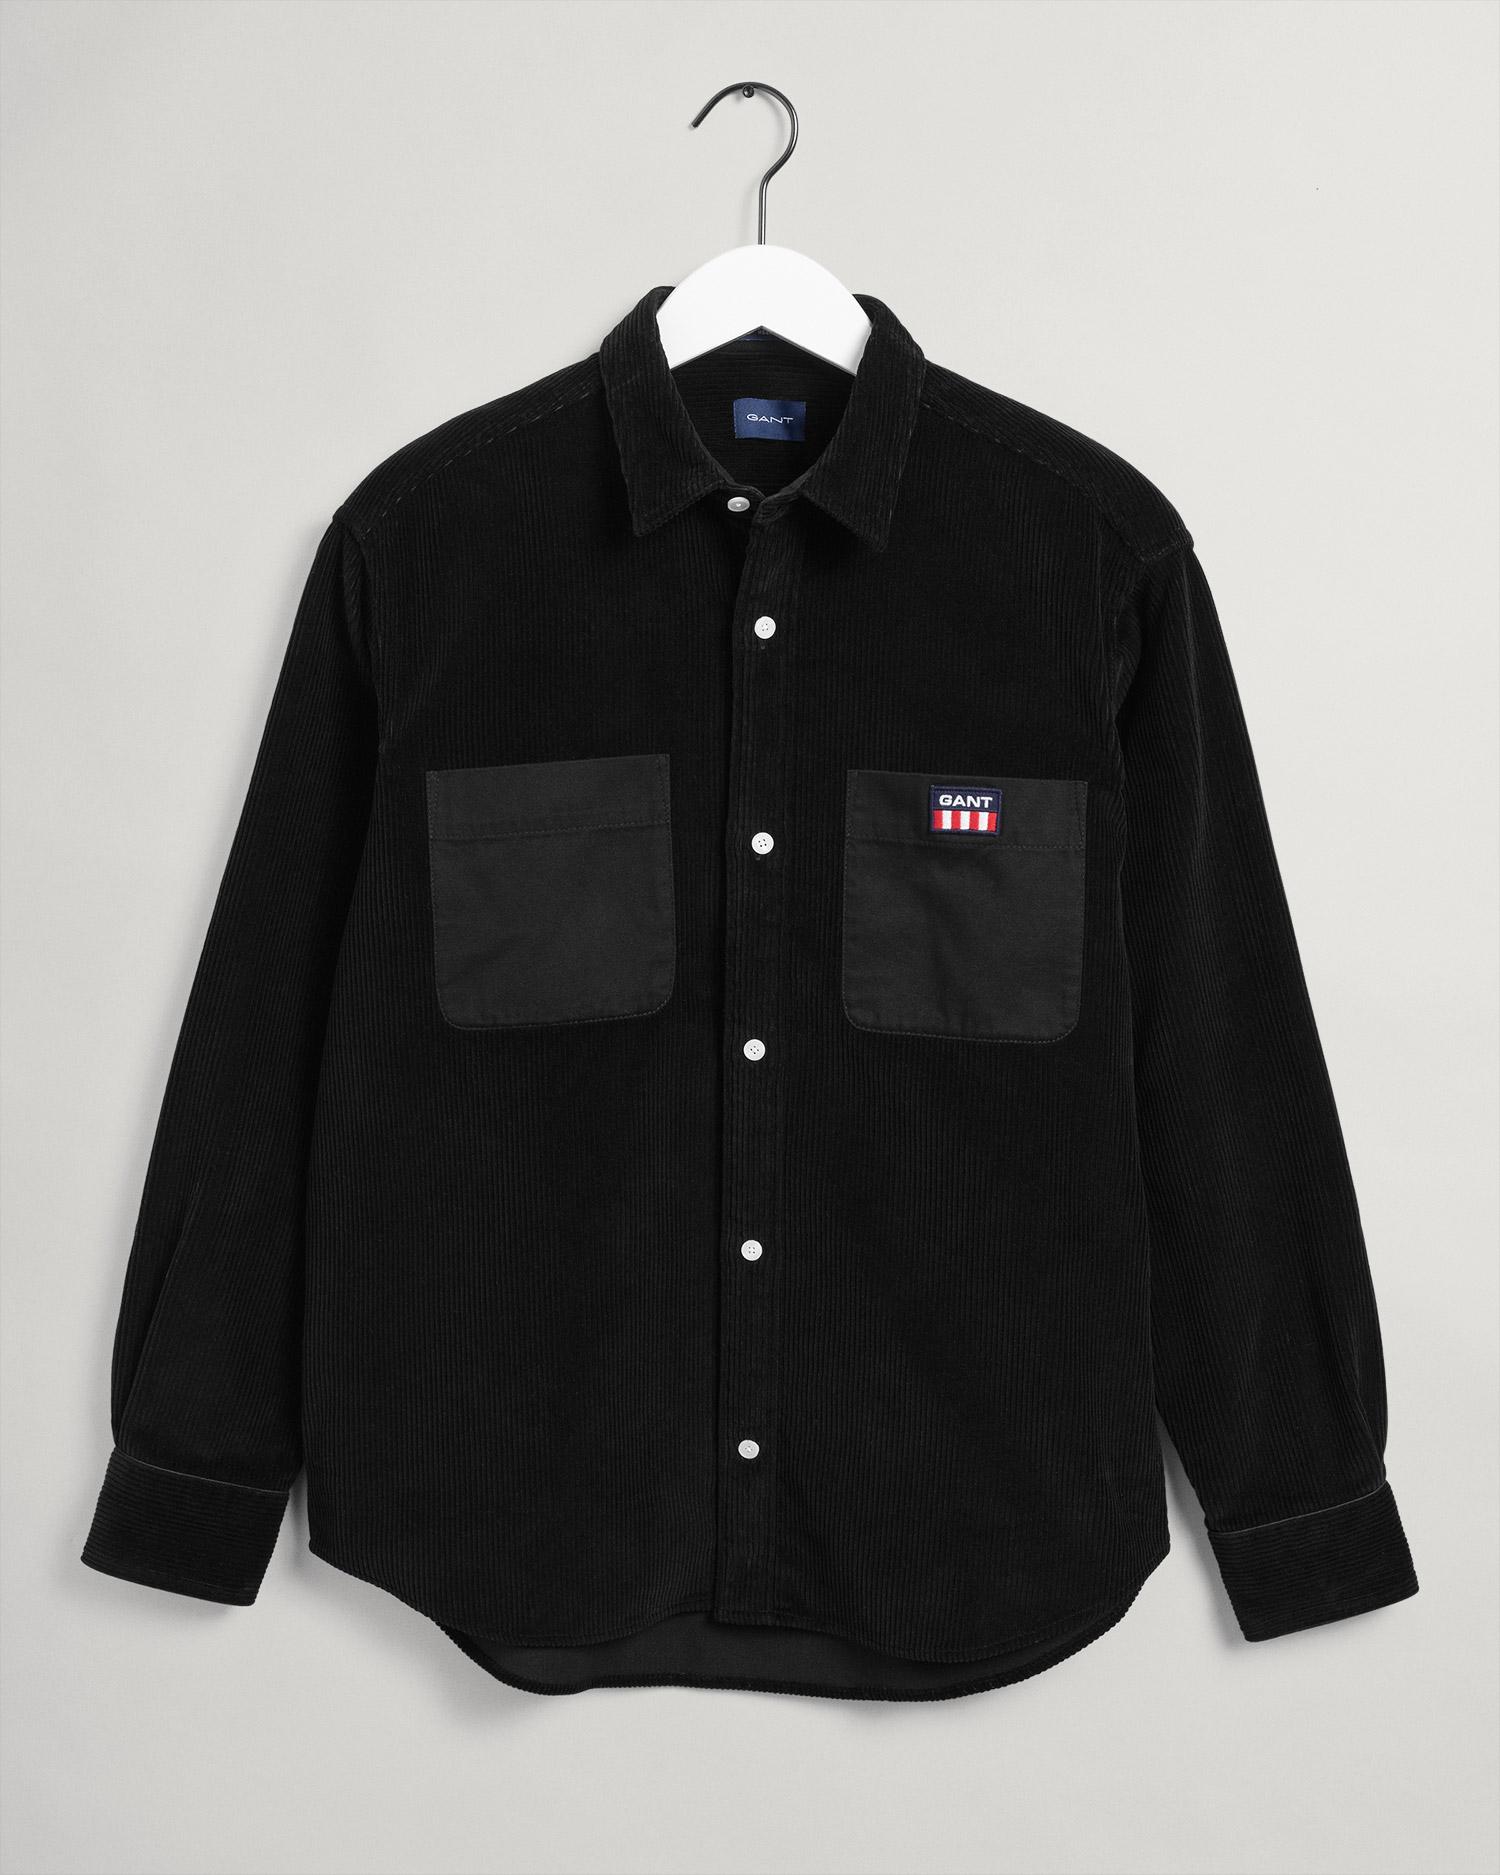 GANT męska koszula sztruksowa Relaxed Fit Chunky - 3015874